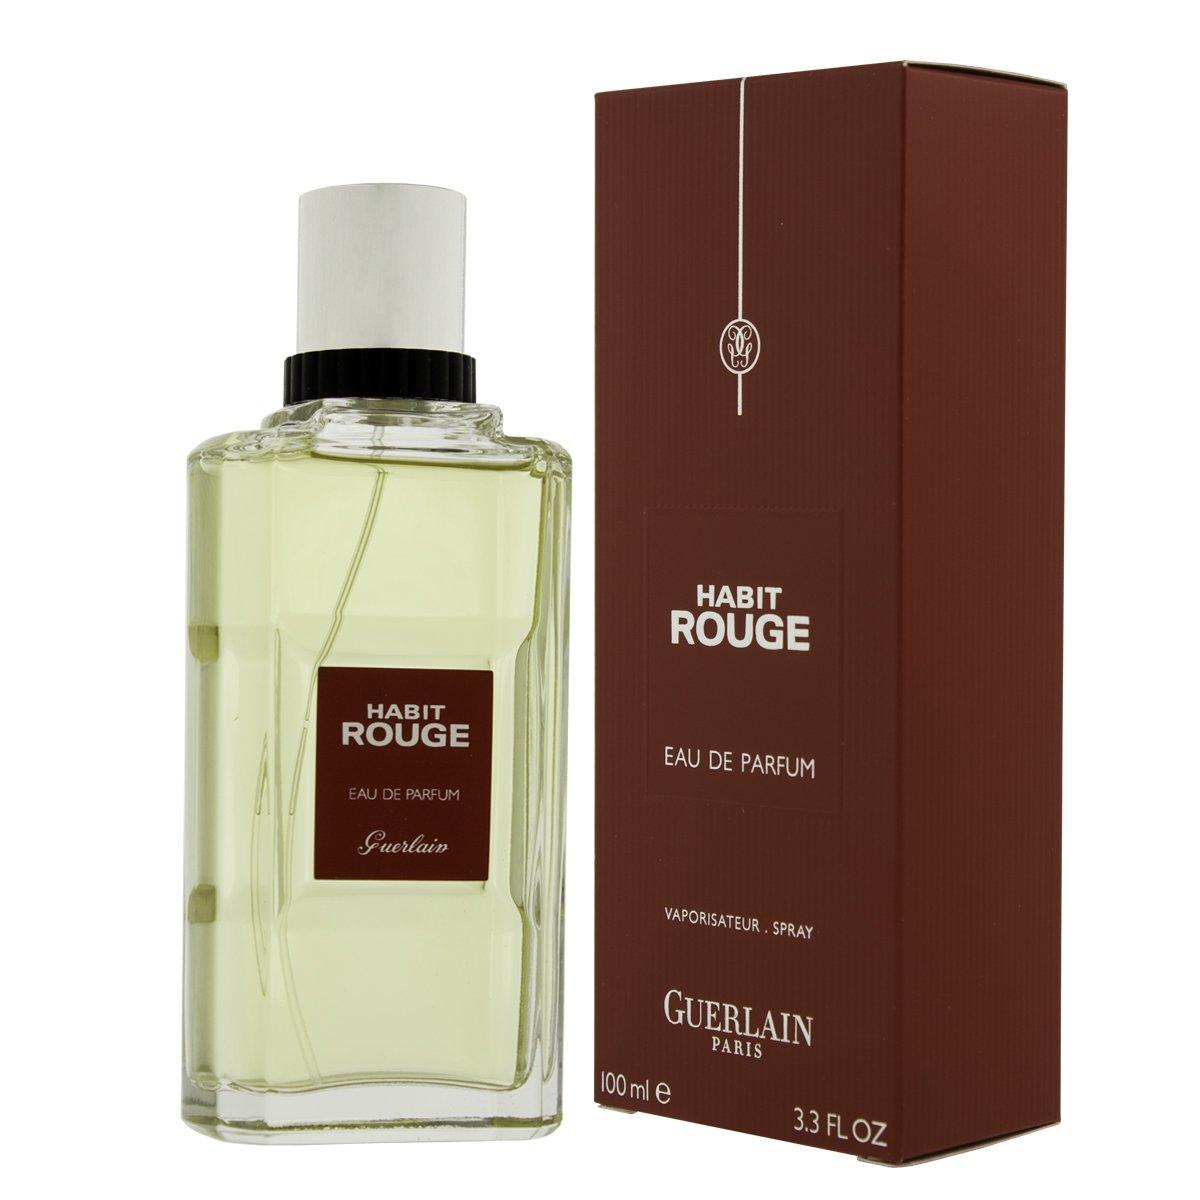 HABIT ROUGE by Guerlain (MEN) HABIT ROUGE-EAU DE PARFUM SPRAY 3.4 OZ